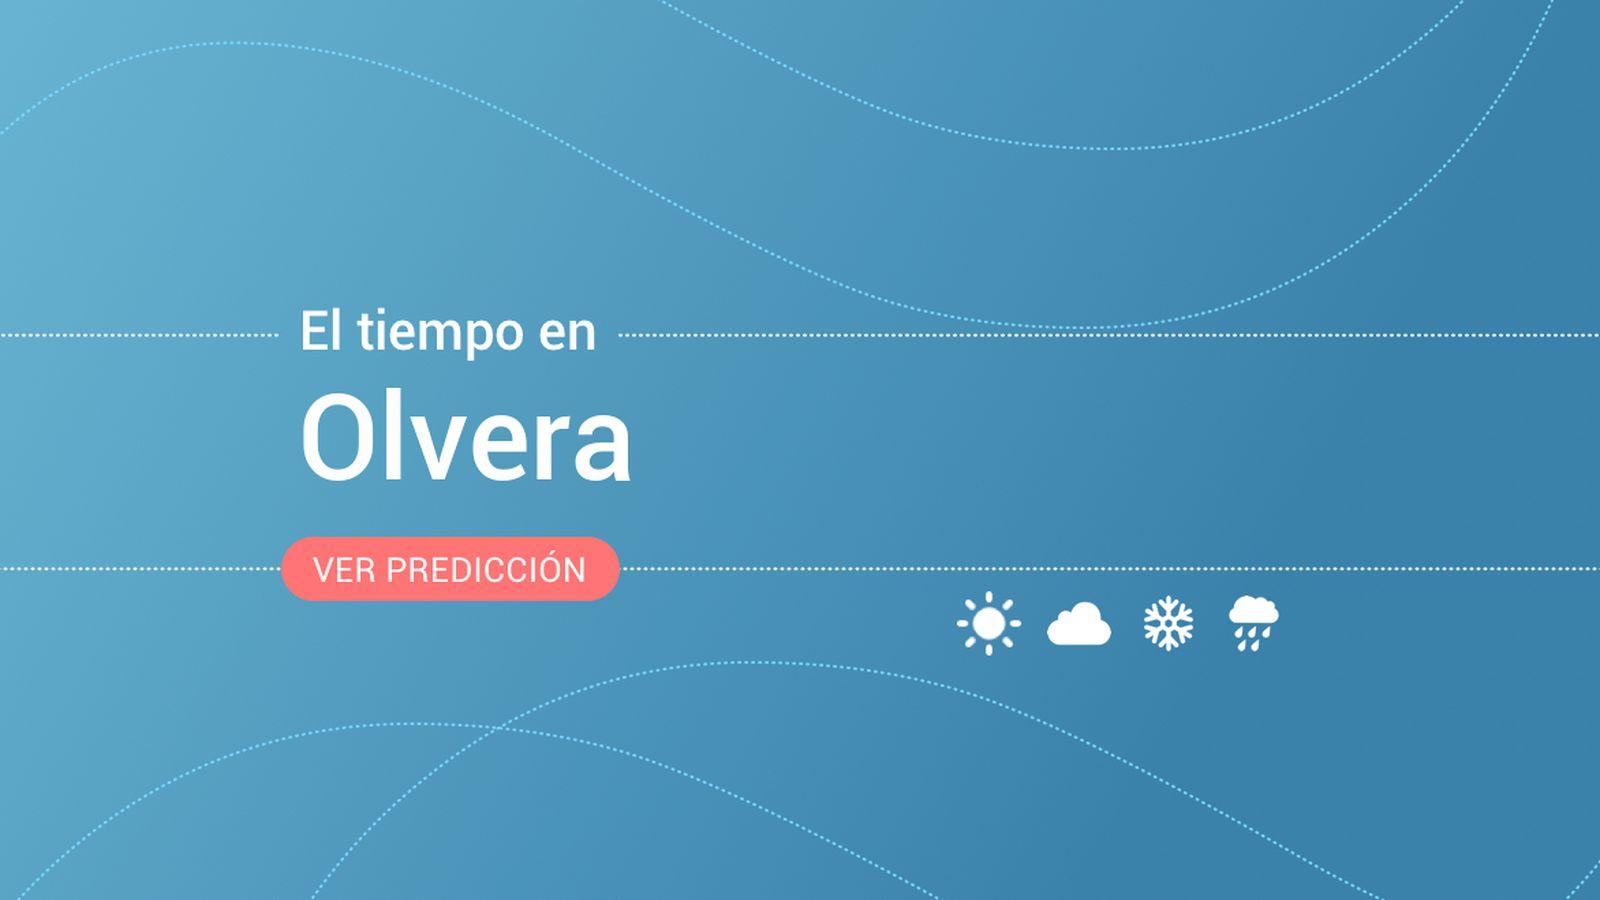 Foto: El tiempo en Olvera. (EC)